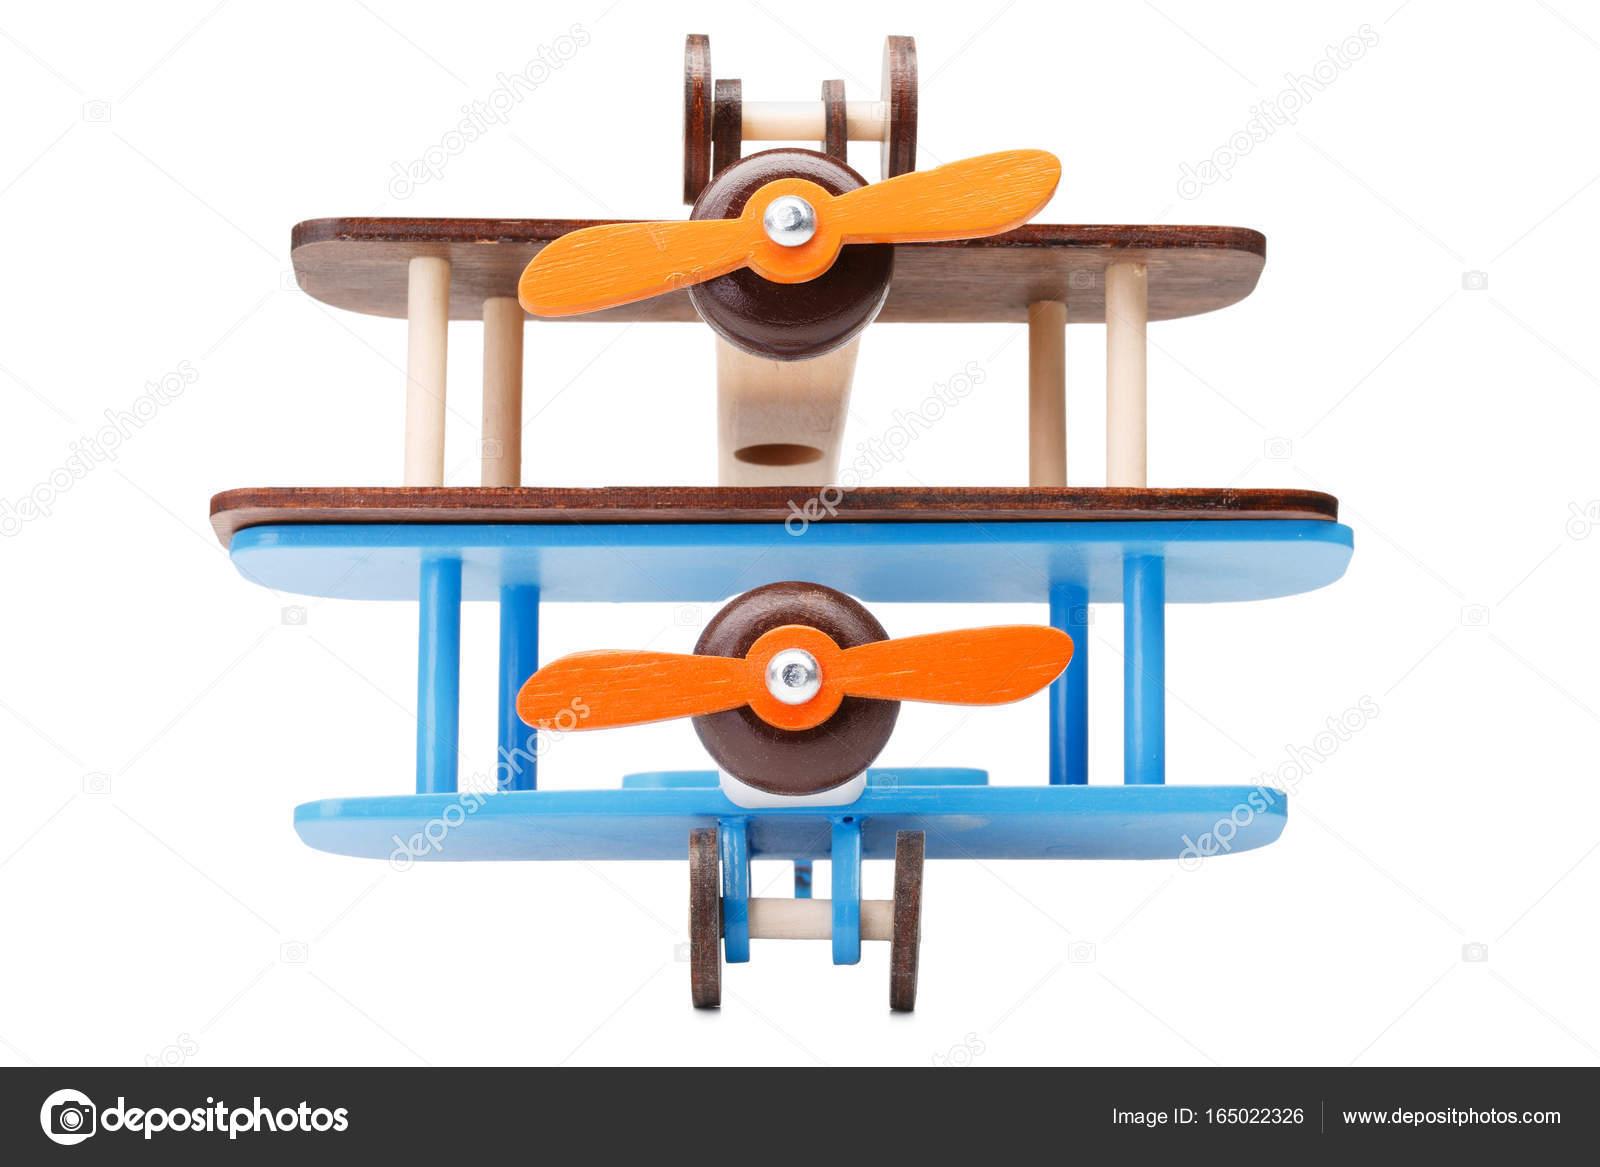 Primer Plano De Dos Aviones Coloridos Respetuoso Del Medio Ambiente